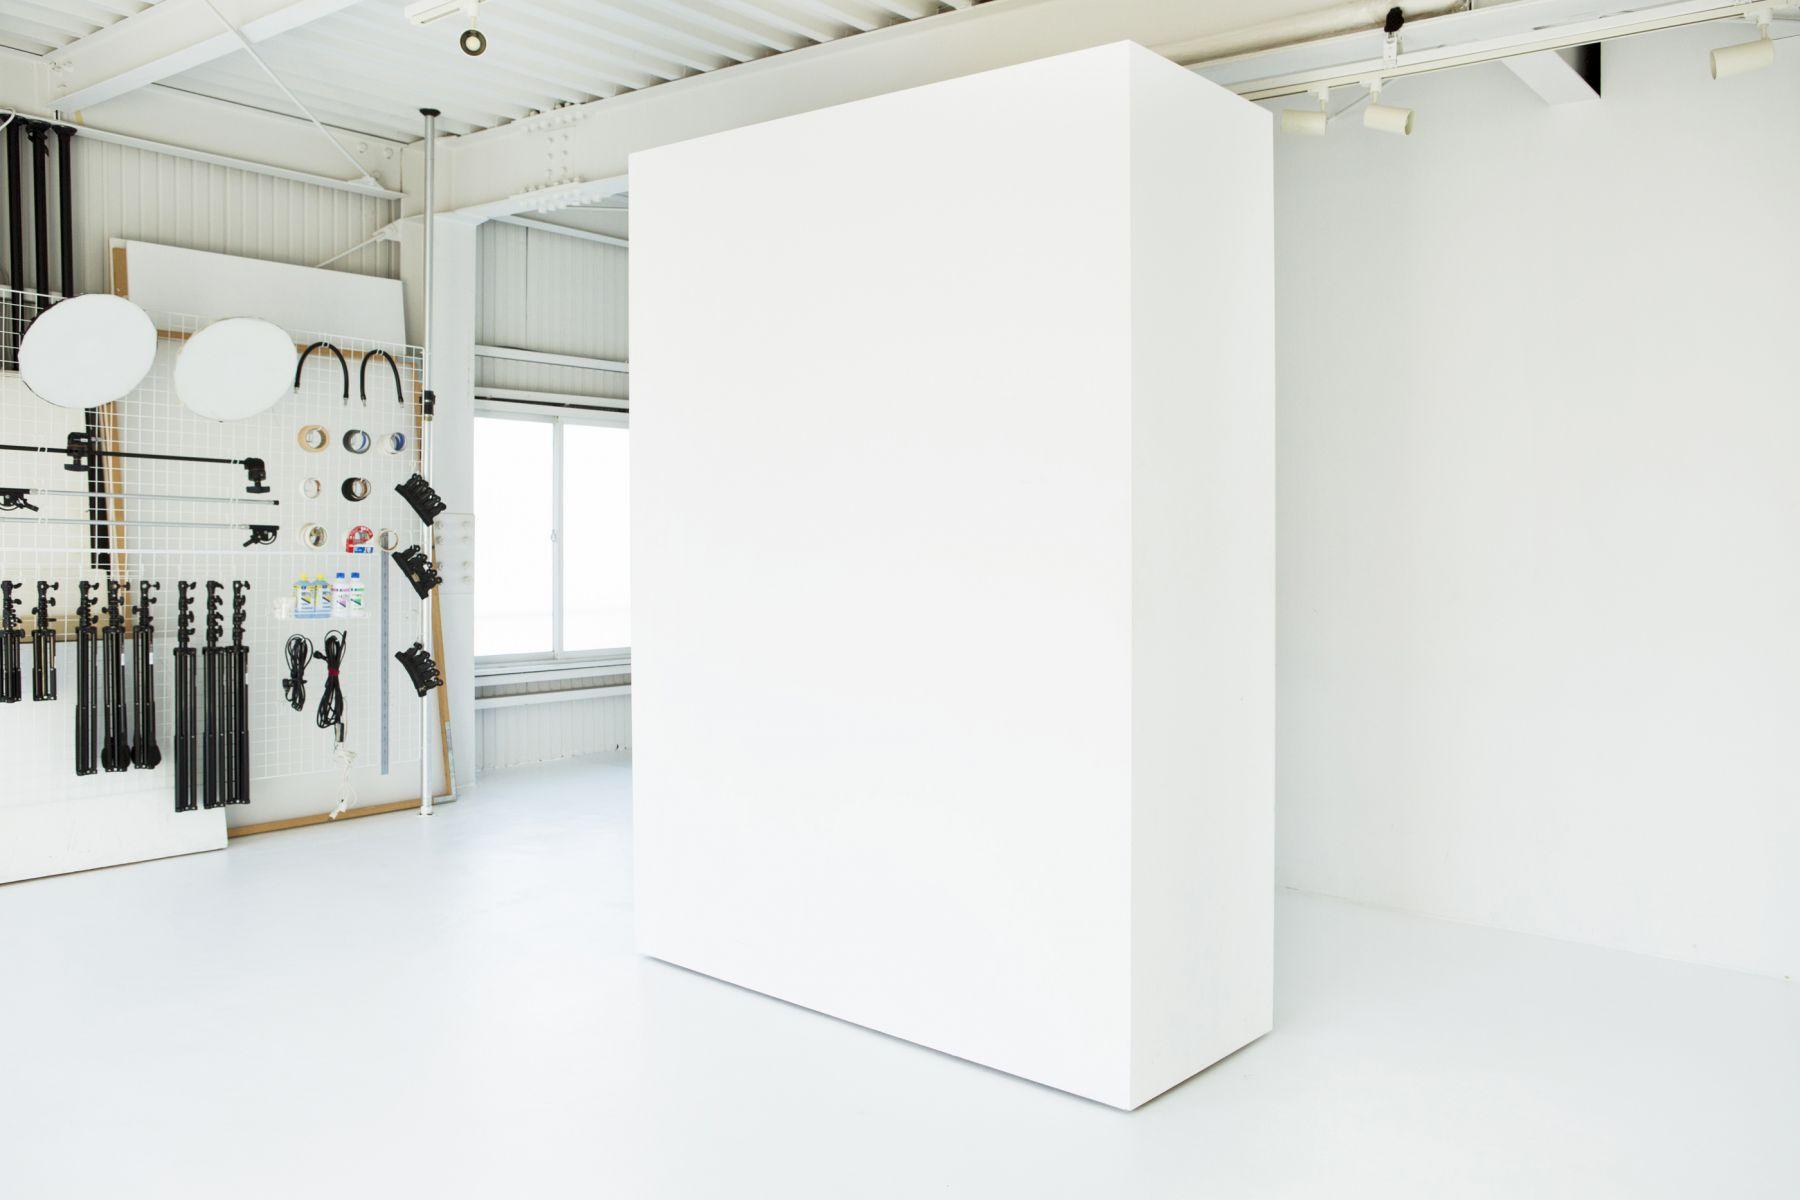 studio ConTRail (スタジオ コントレイル)L字の空間